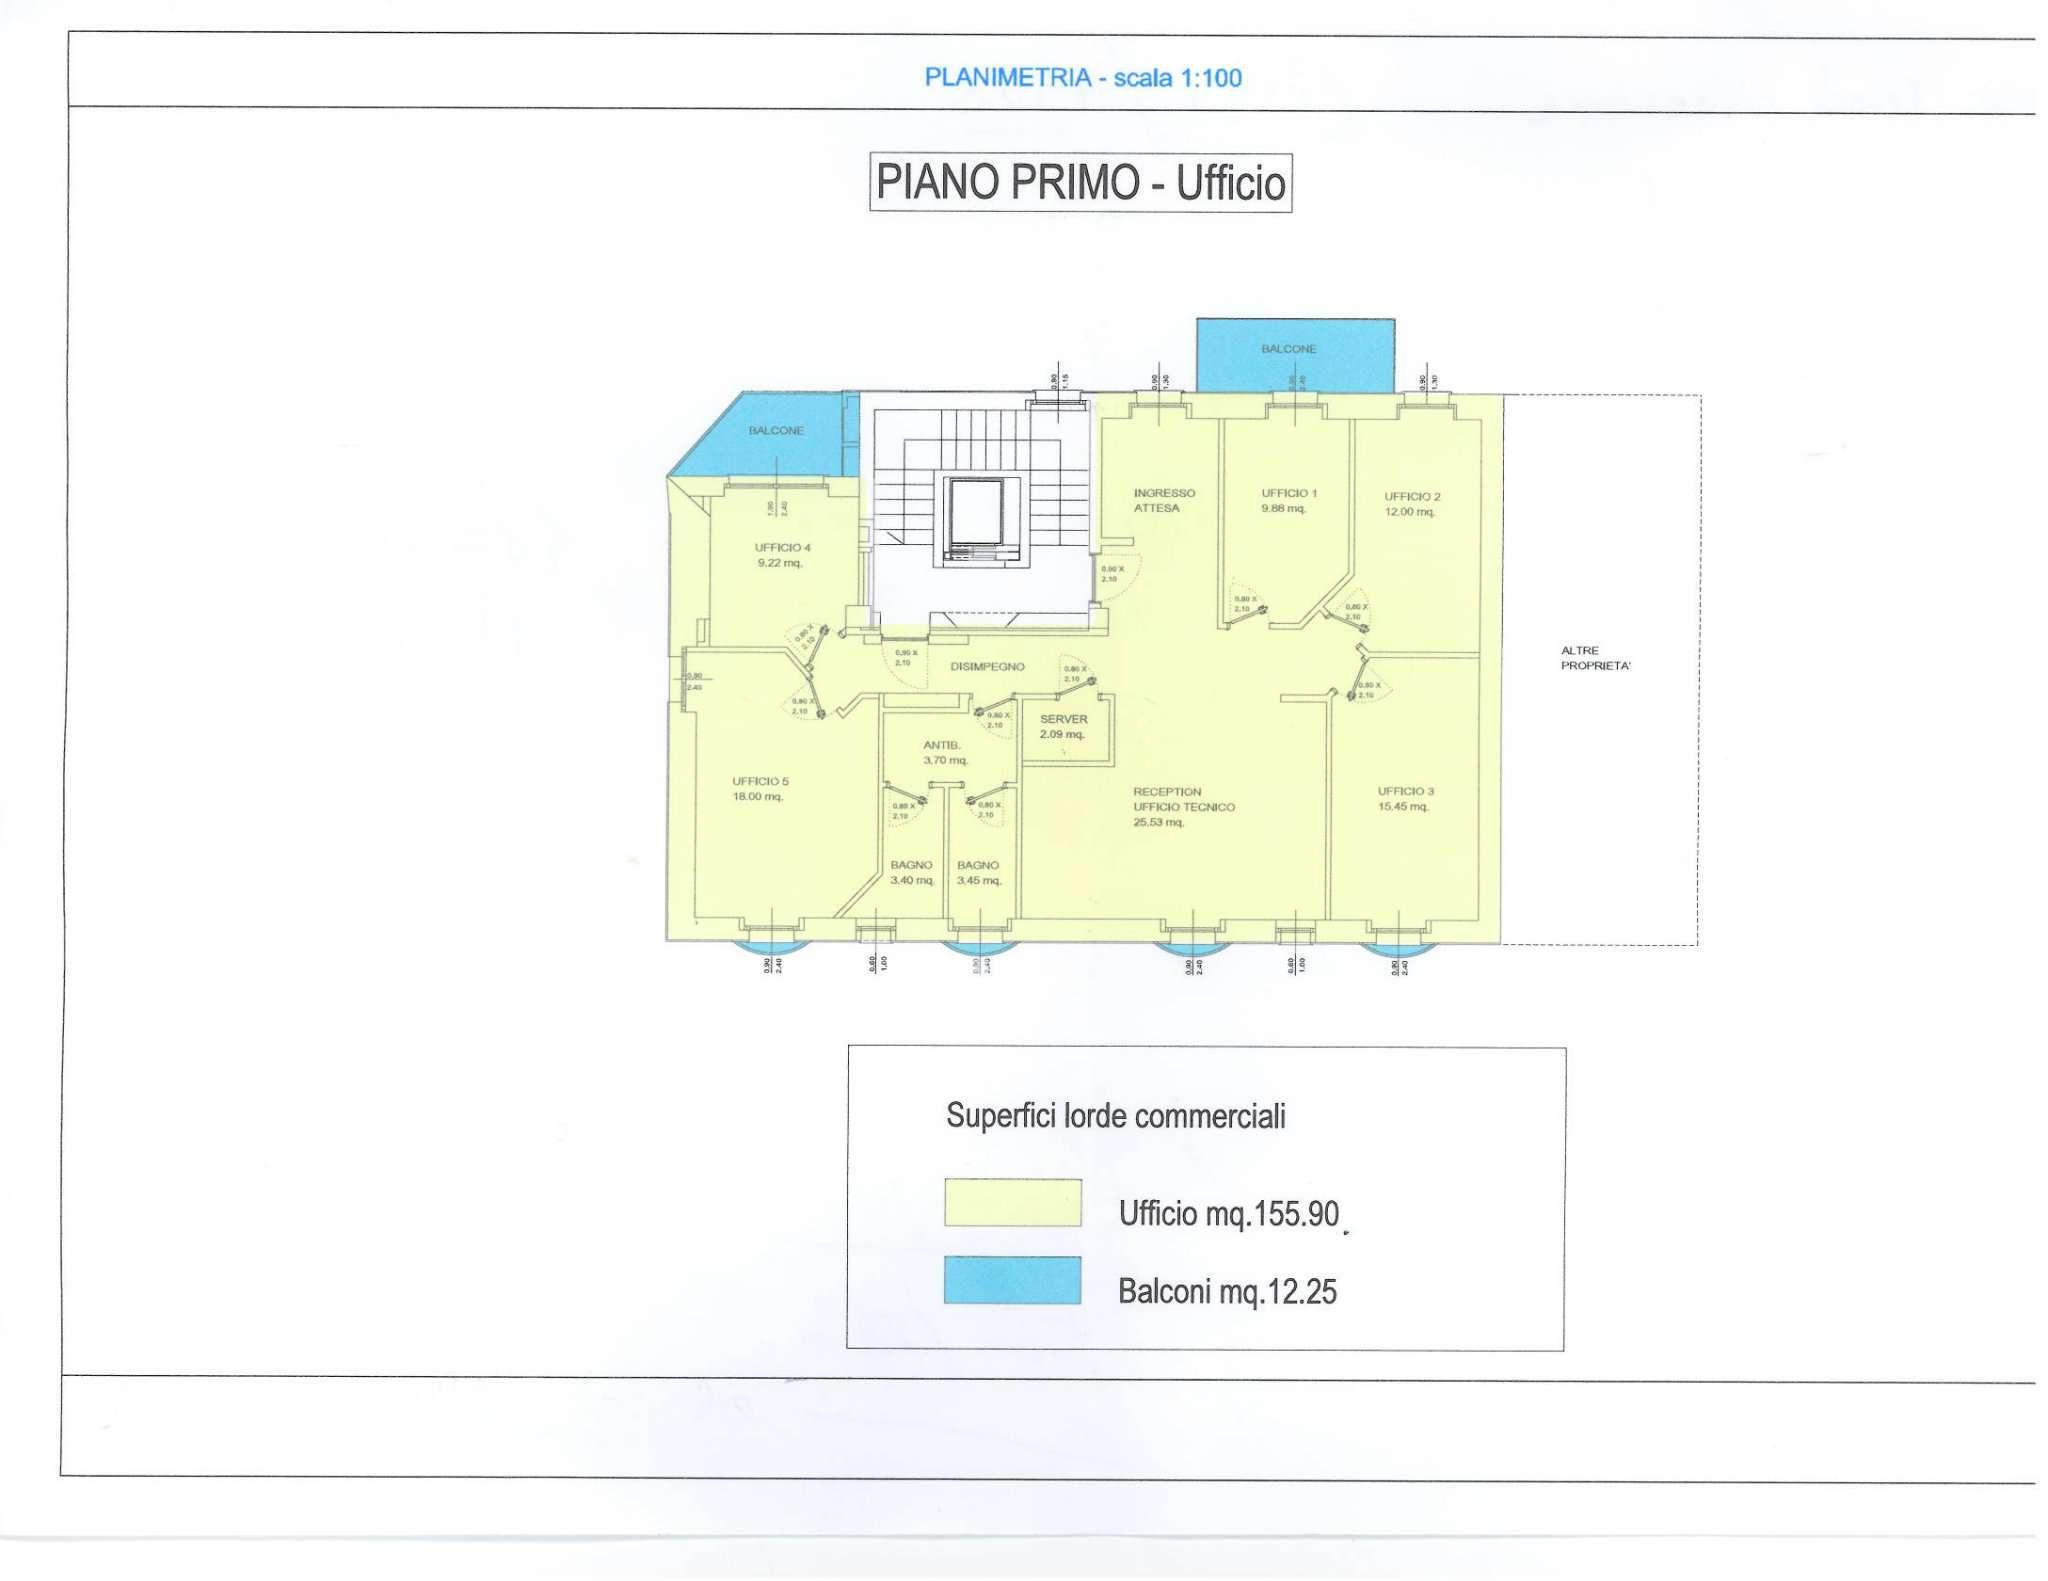 Ufficio 160 mq. in vendita/locazione a Sondrio